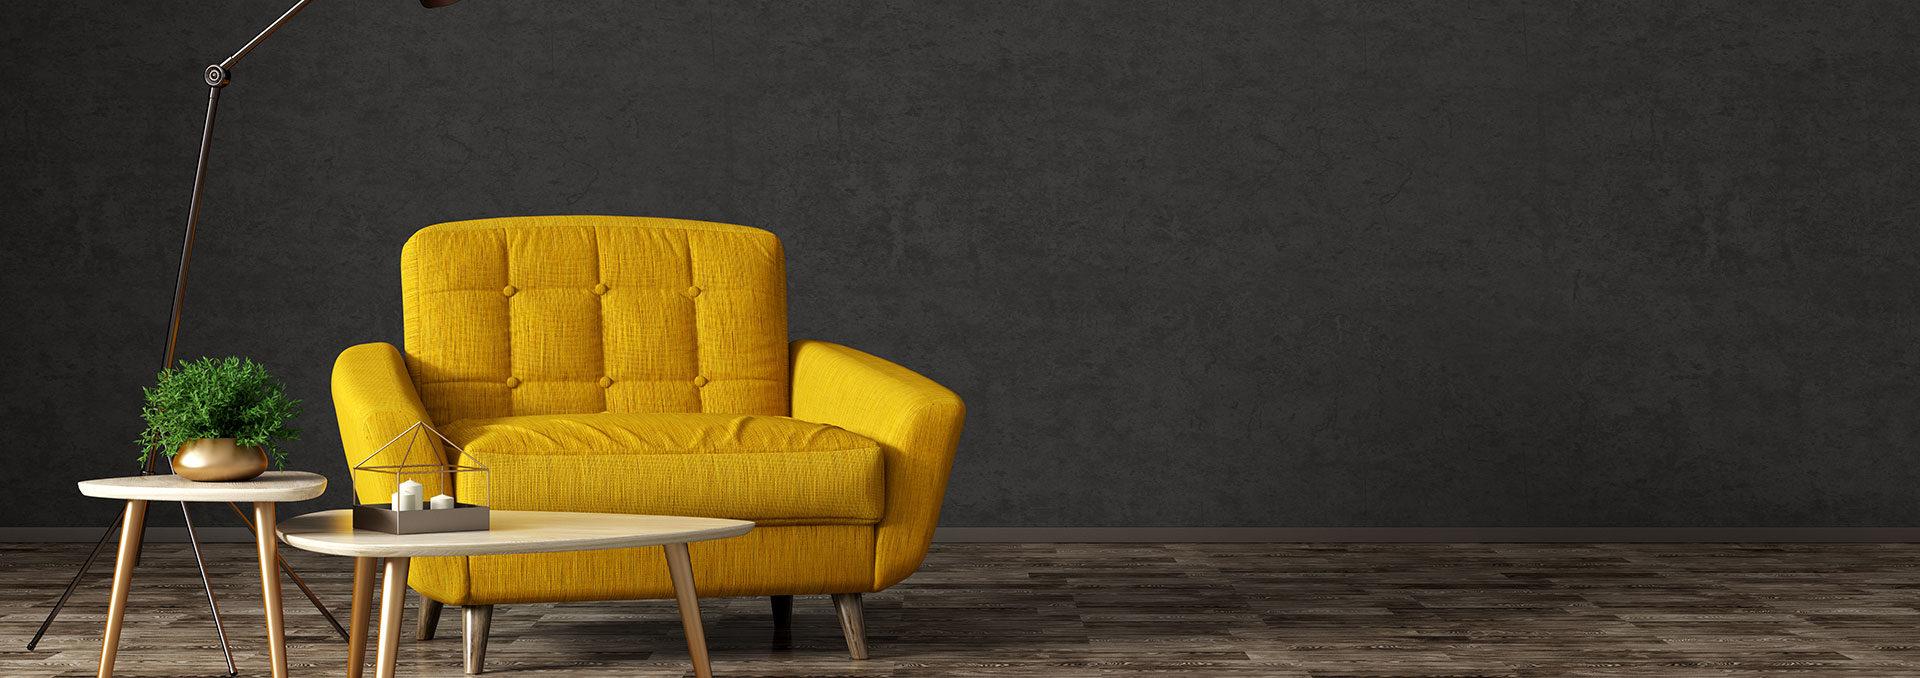 Lounge Wohnzimmer | Gewusst Wie Ihr Wohnzimmer Mit Lounge Sesseln Stylisch Aufpeppen